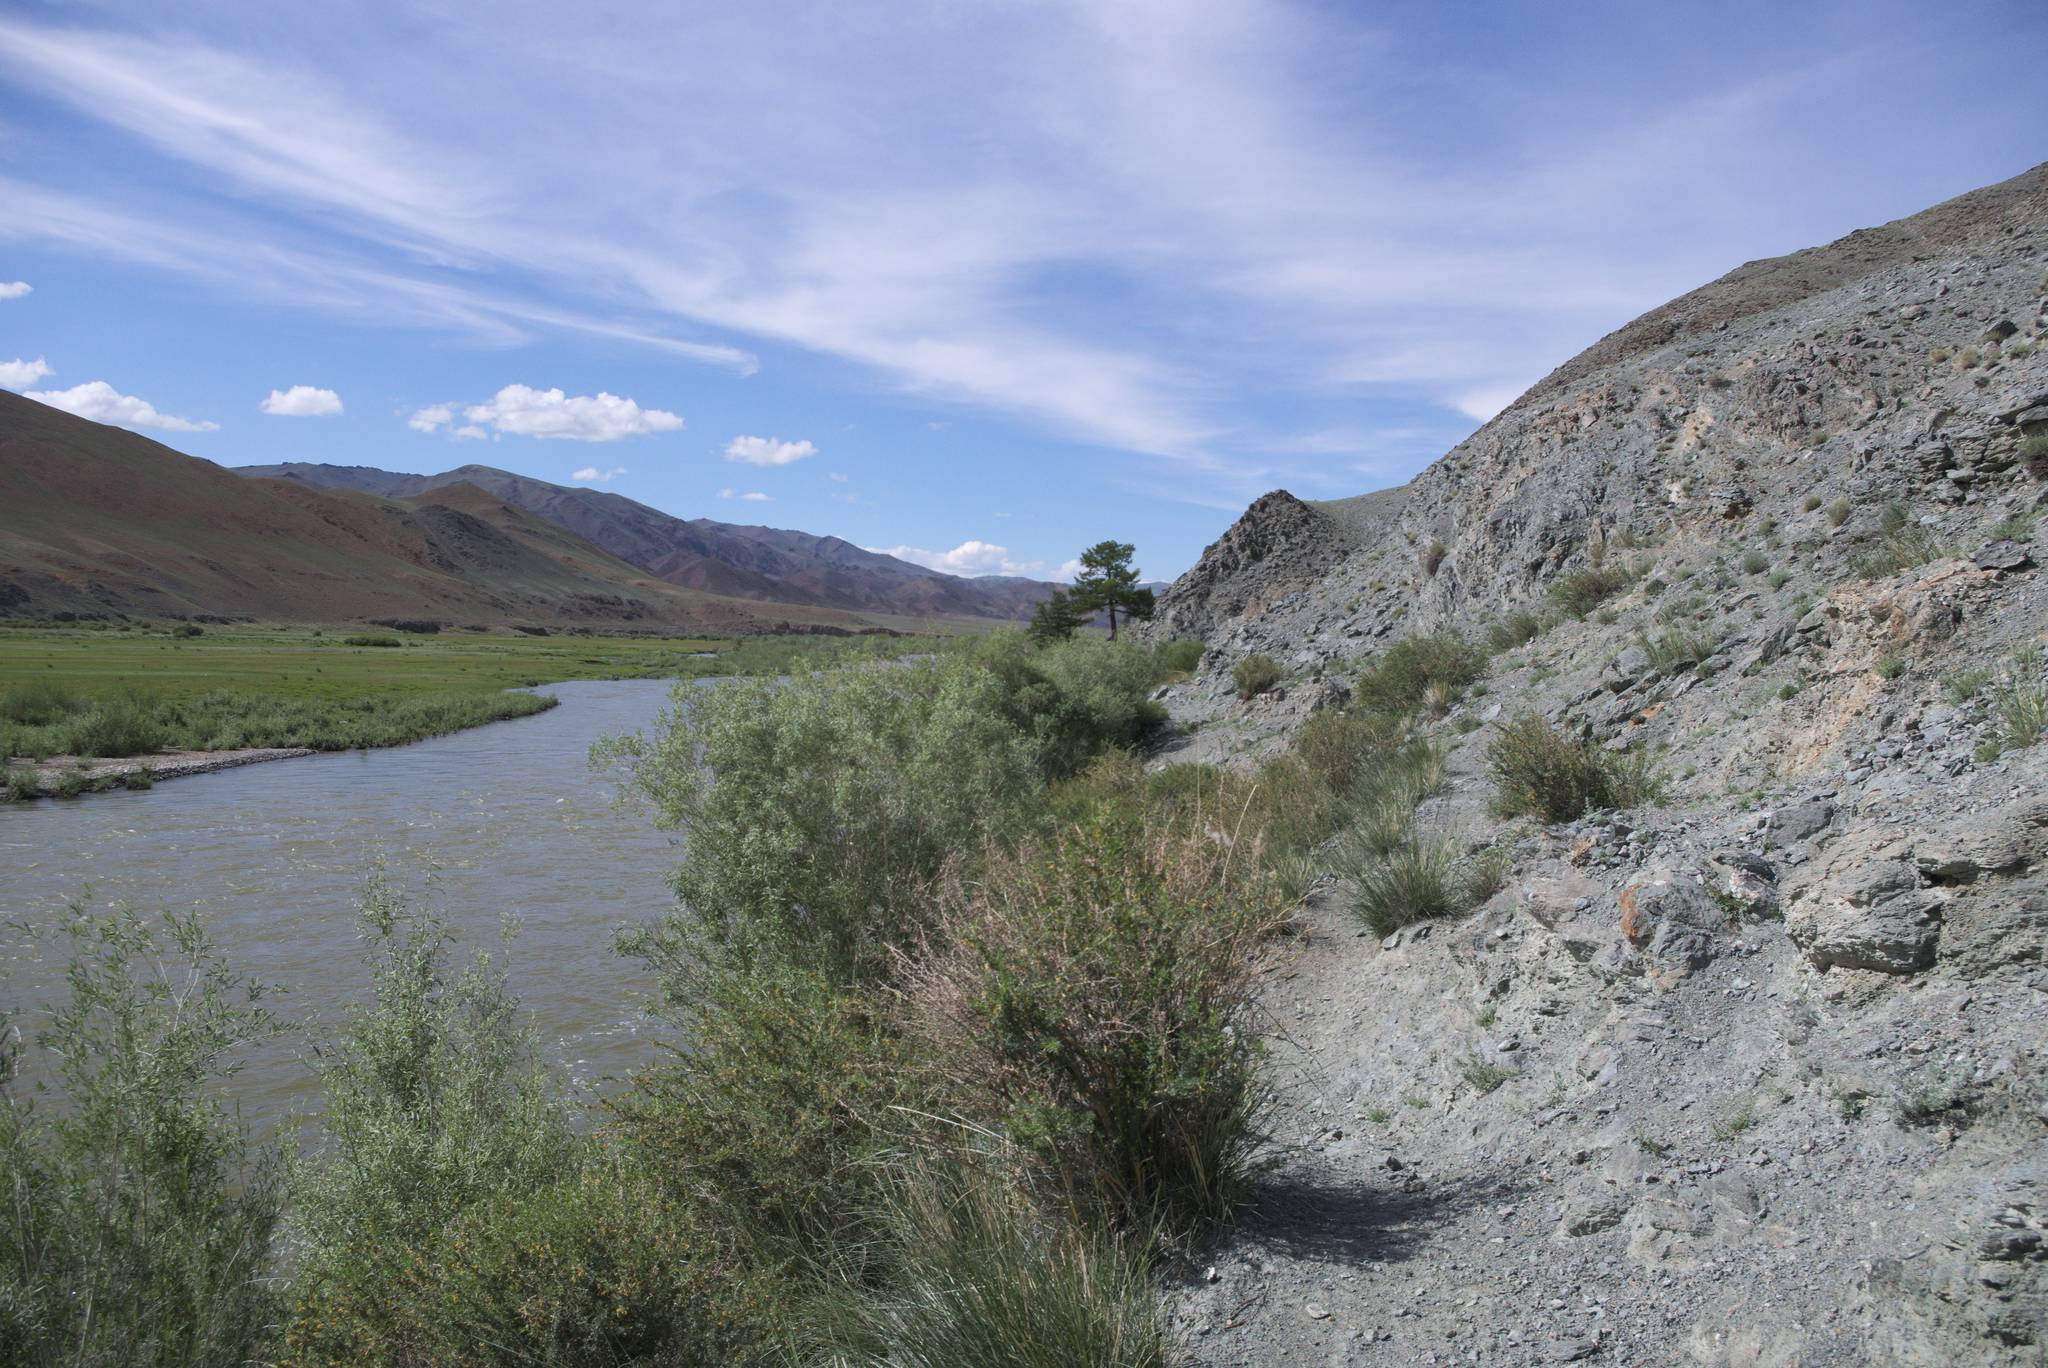 Zdaje się, że rzeka zmieniła nieco koryto